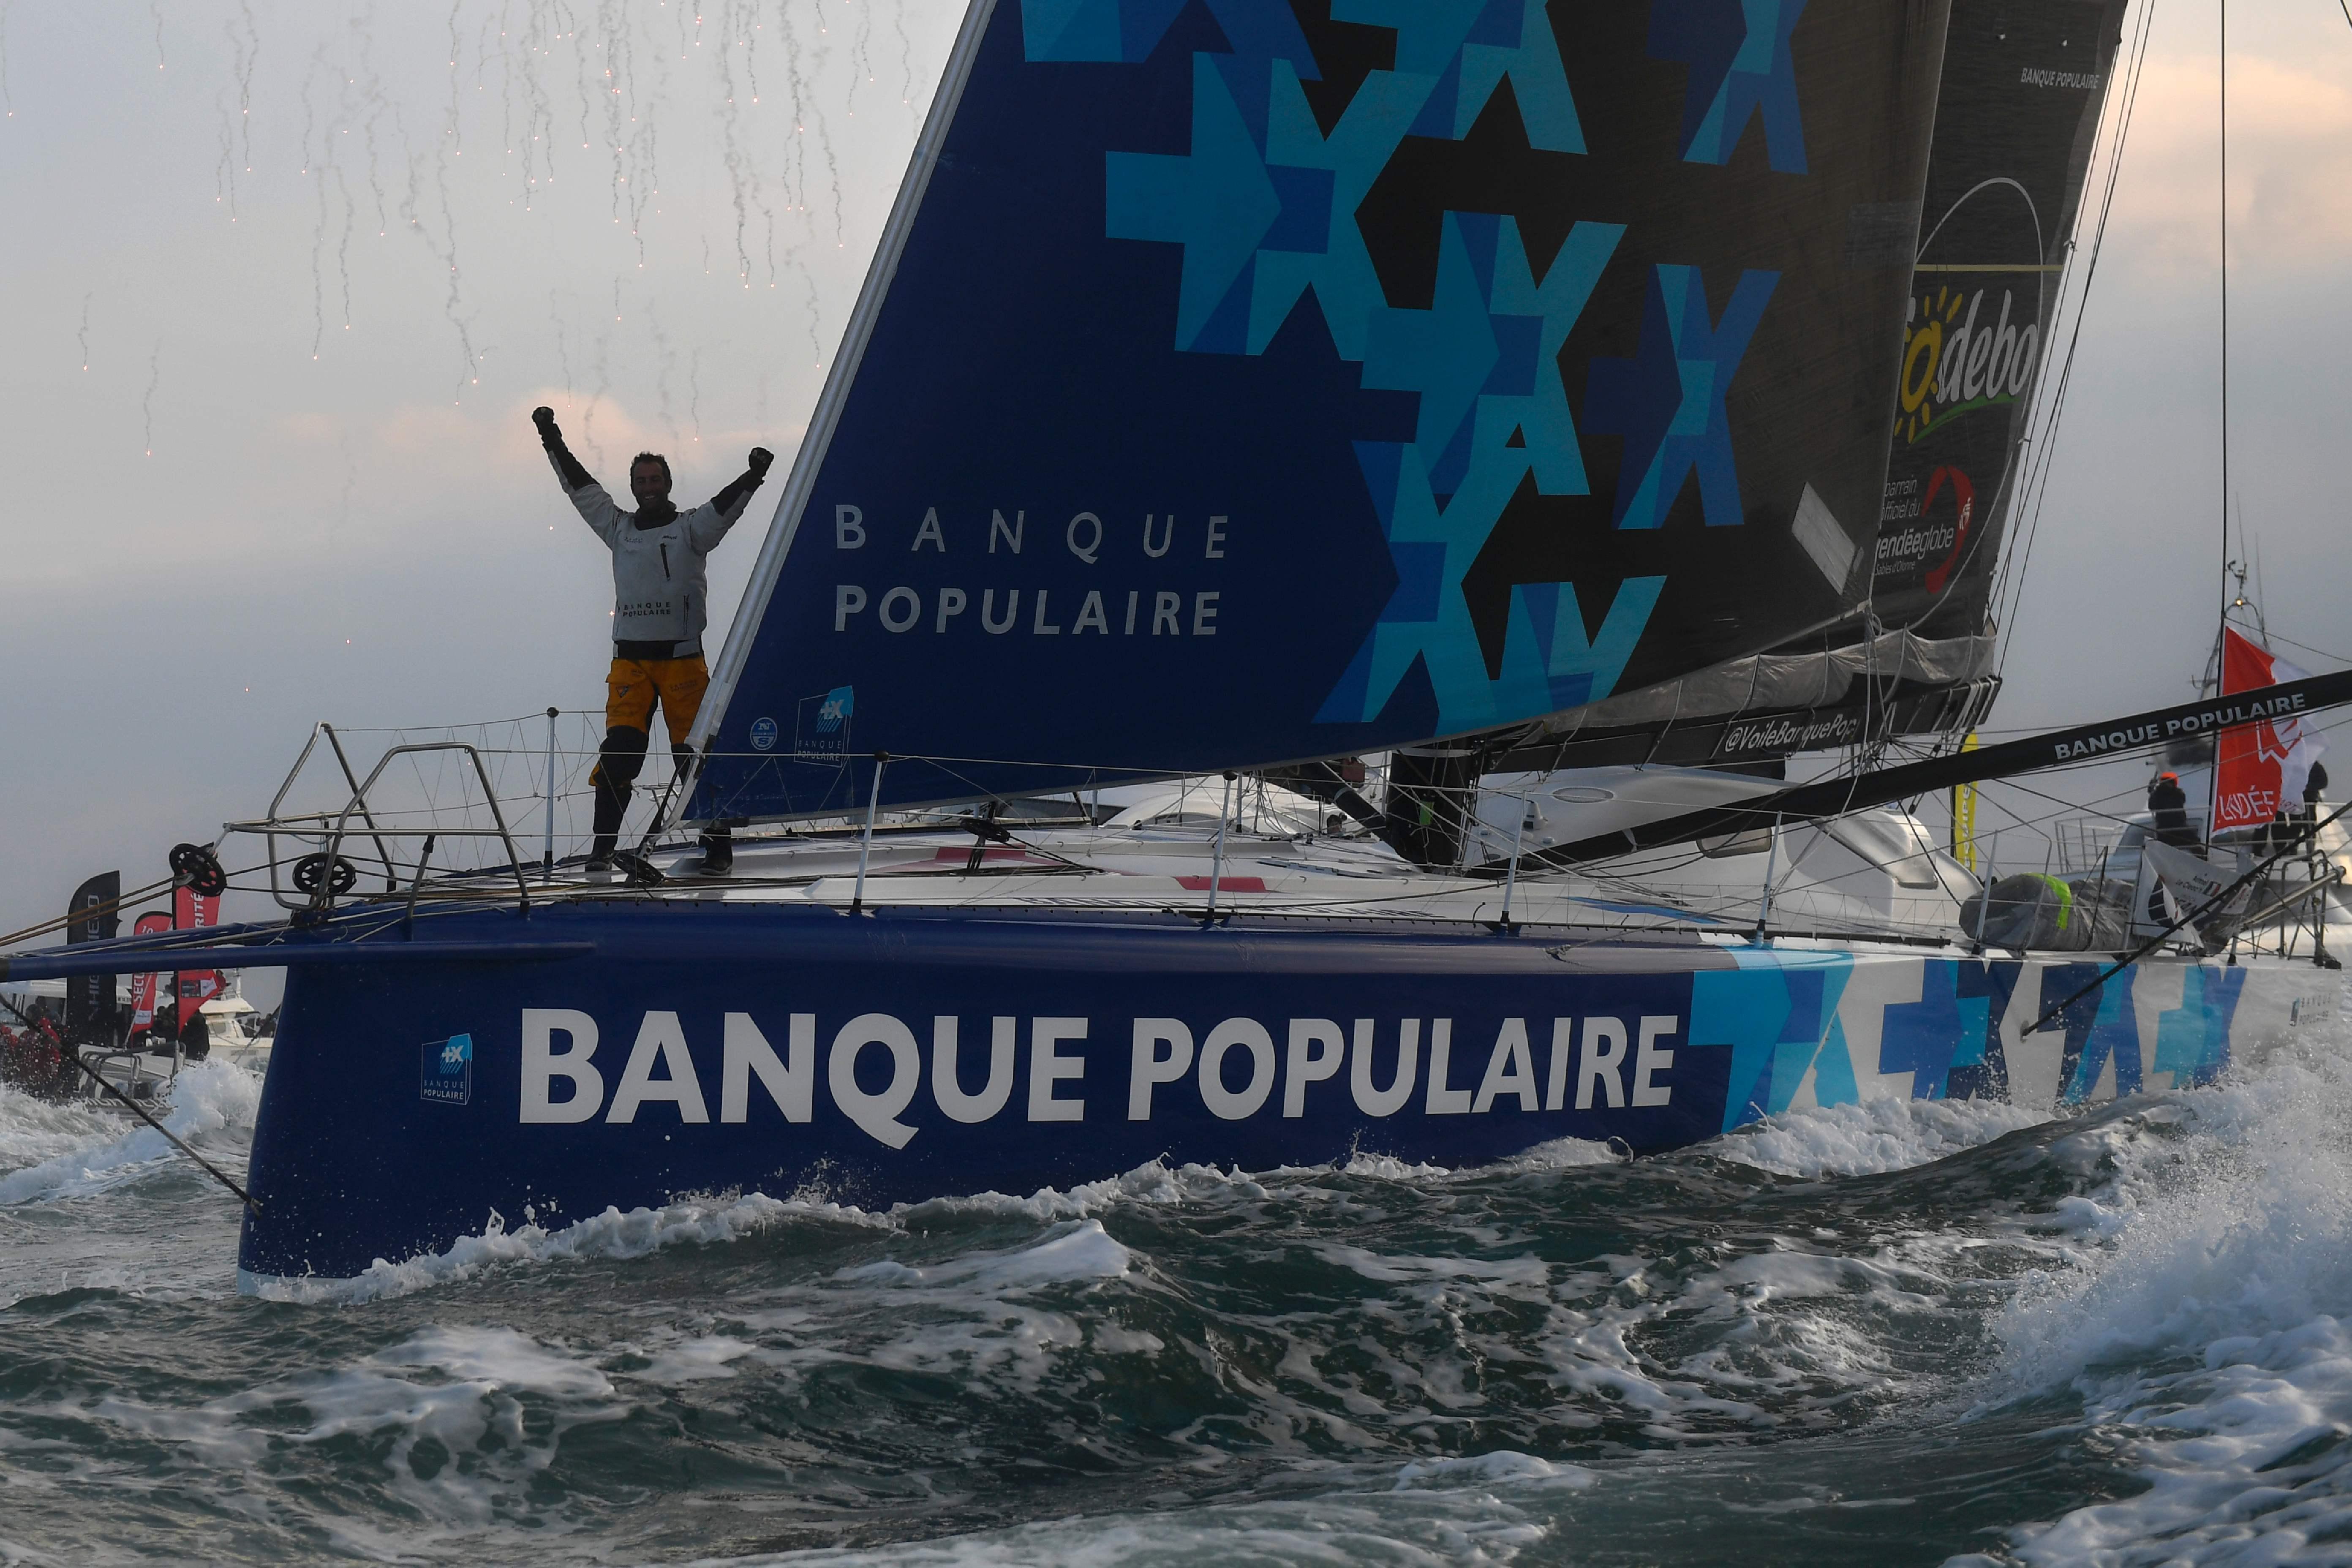 Voile - Vendée Globe - Banque populaire, le sponsor qui rafle tout